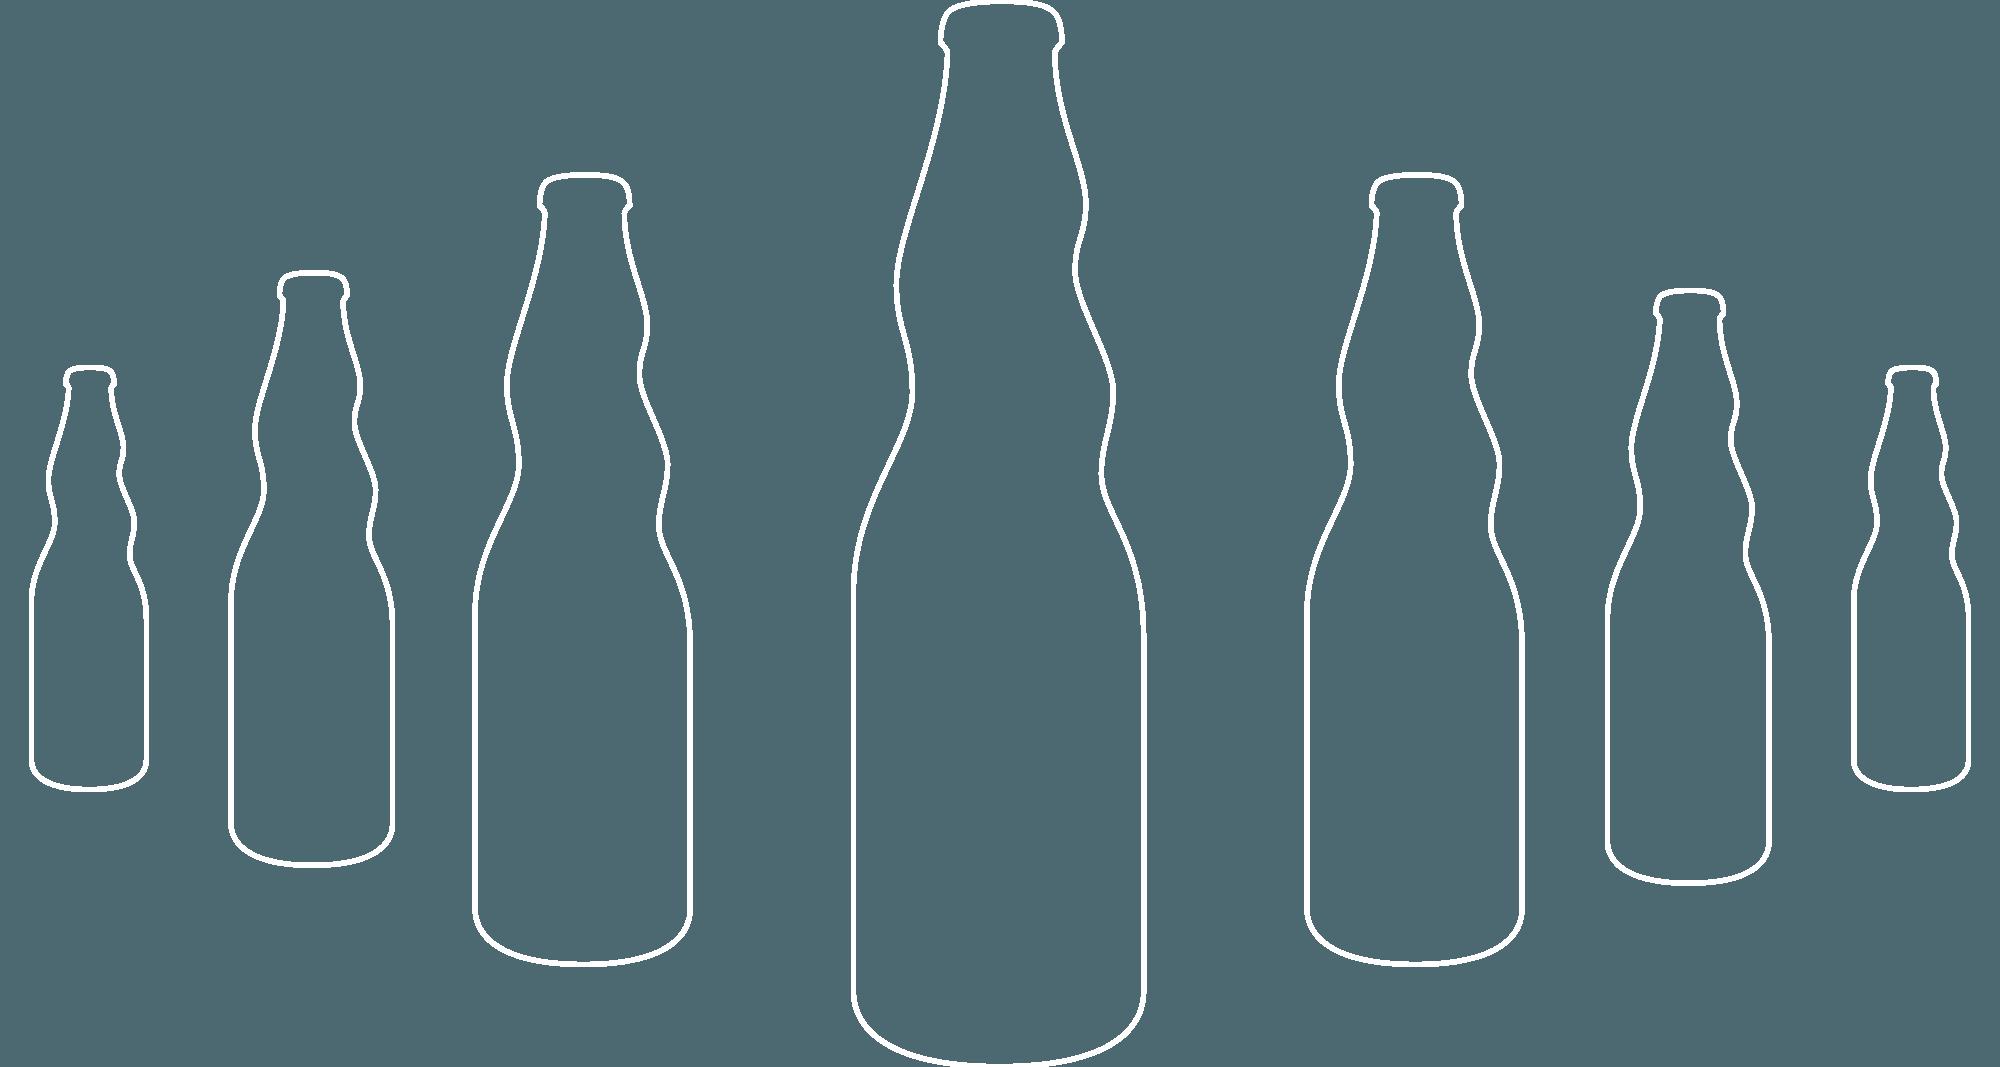 flaschen silhouette